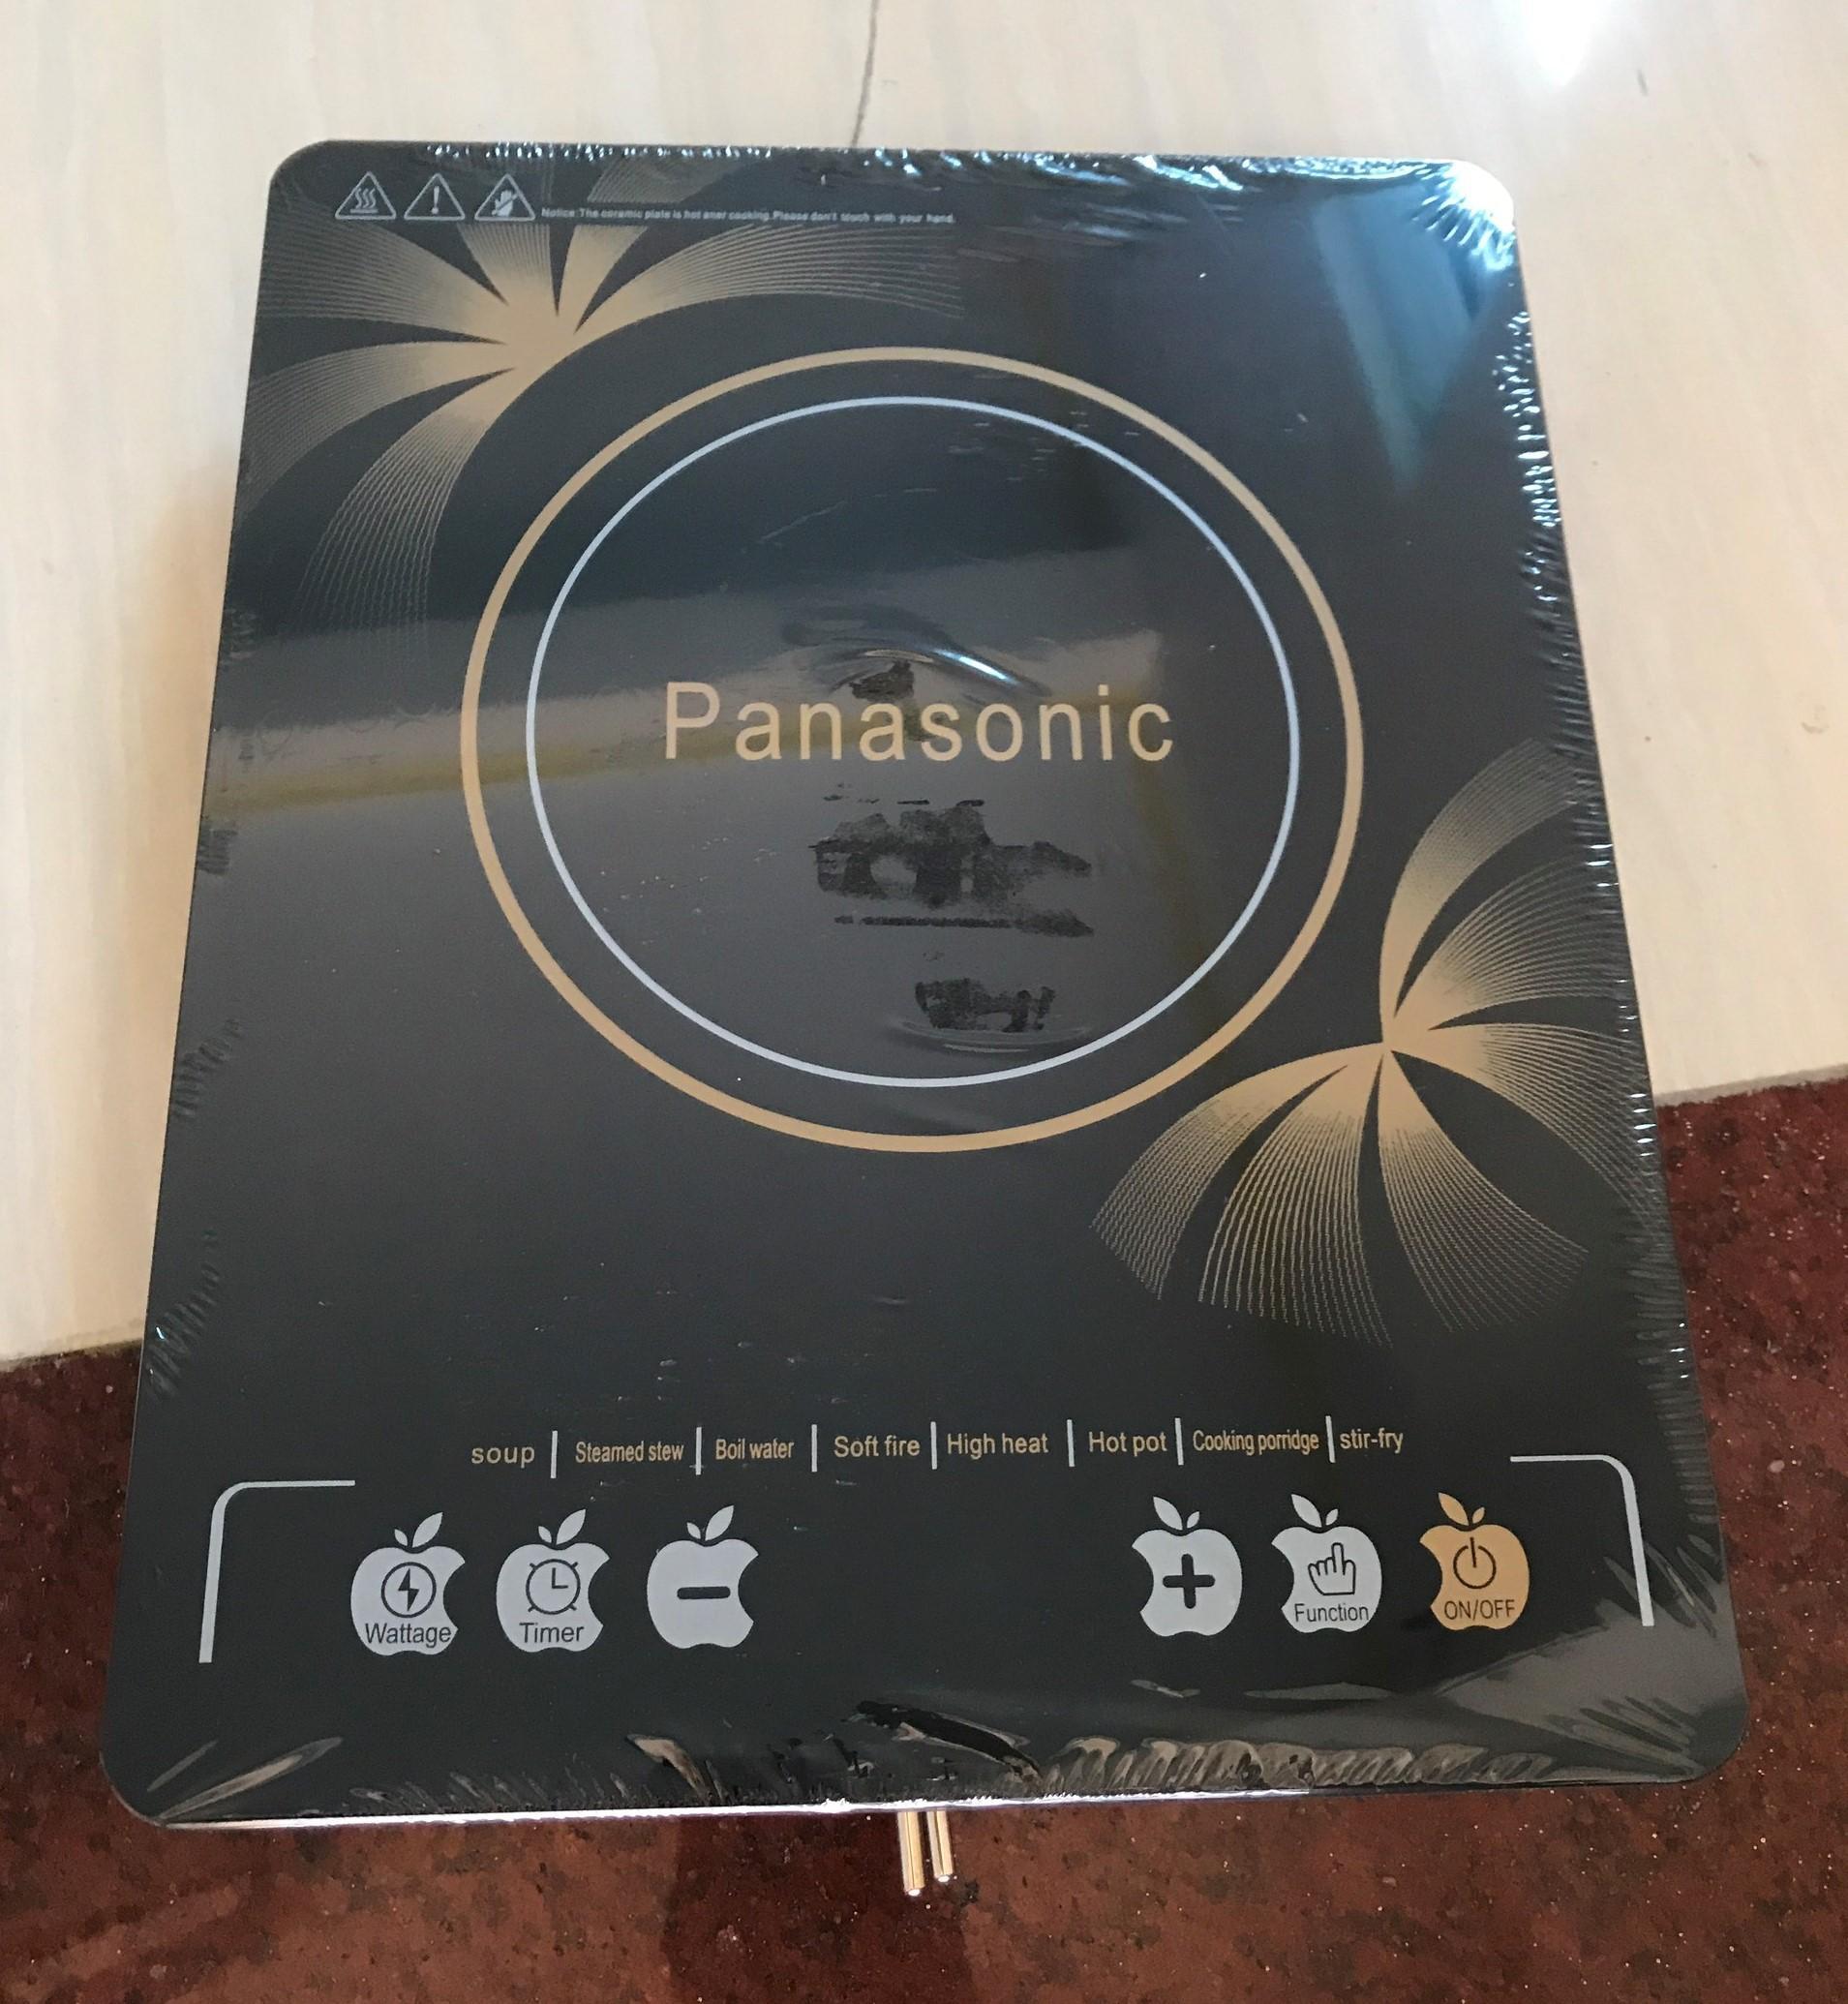 Voucher tại Lazada cho Bếp Từ đơn Cảm ứng Panasonic PA-01 Tặng Kèm Nồi Lâu Phi 27cm